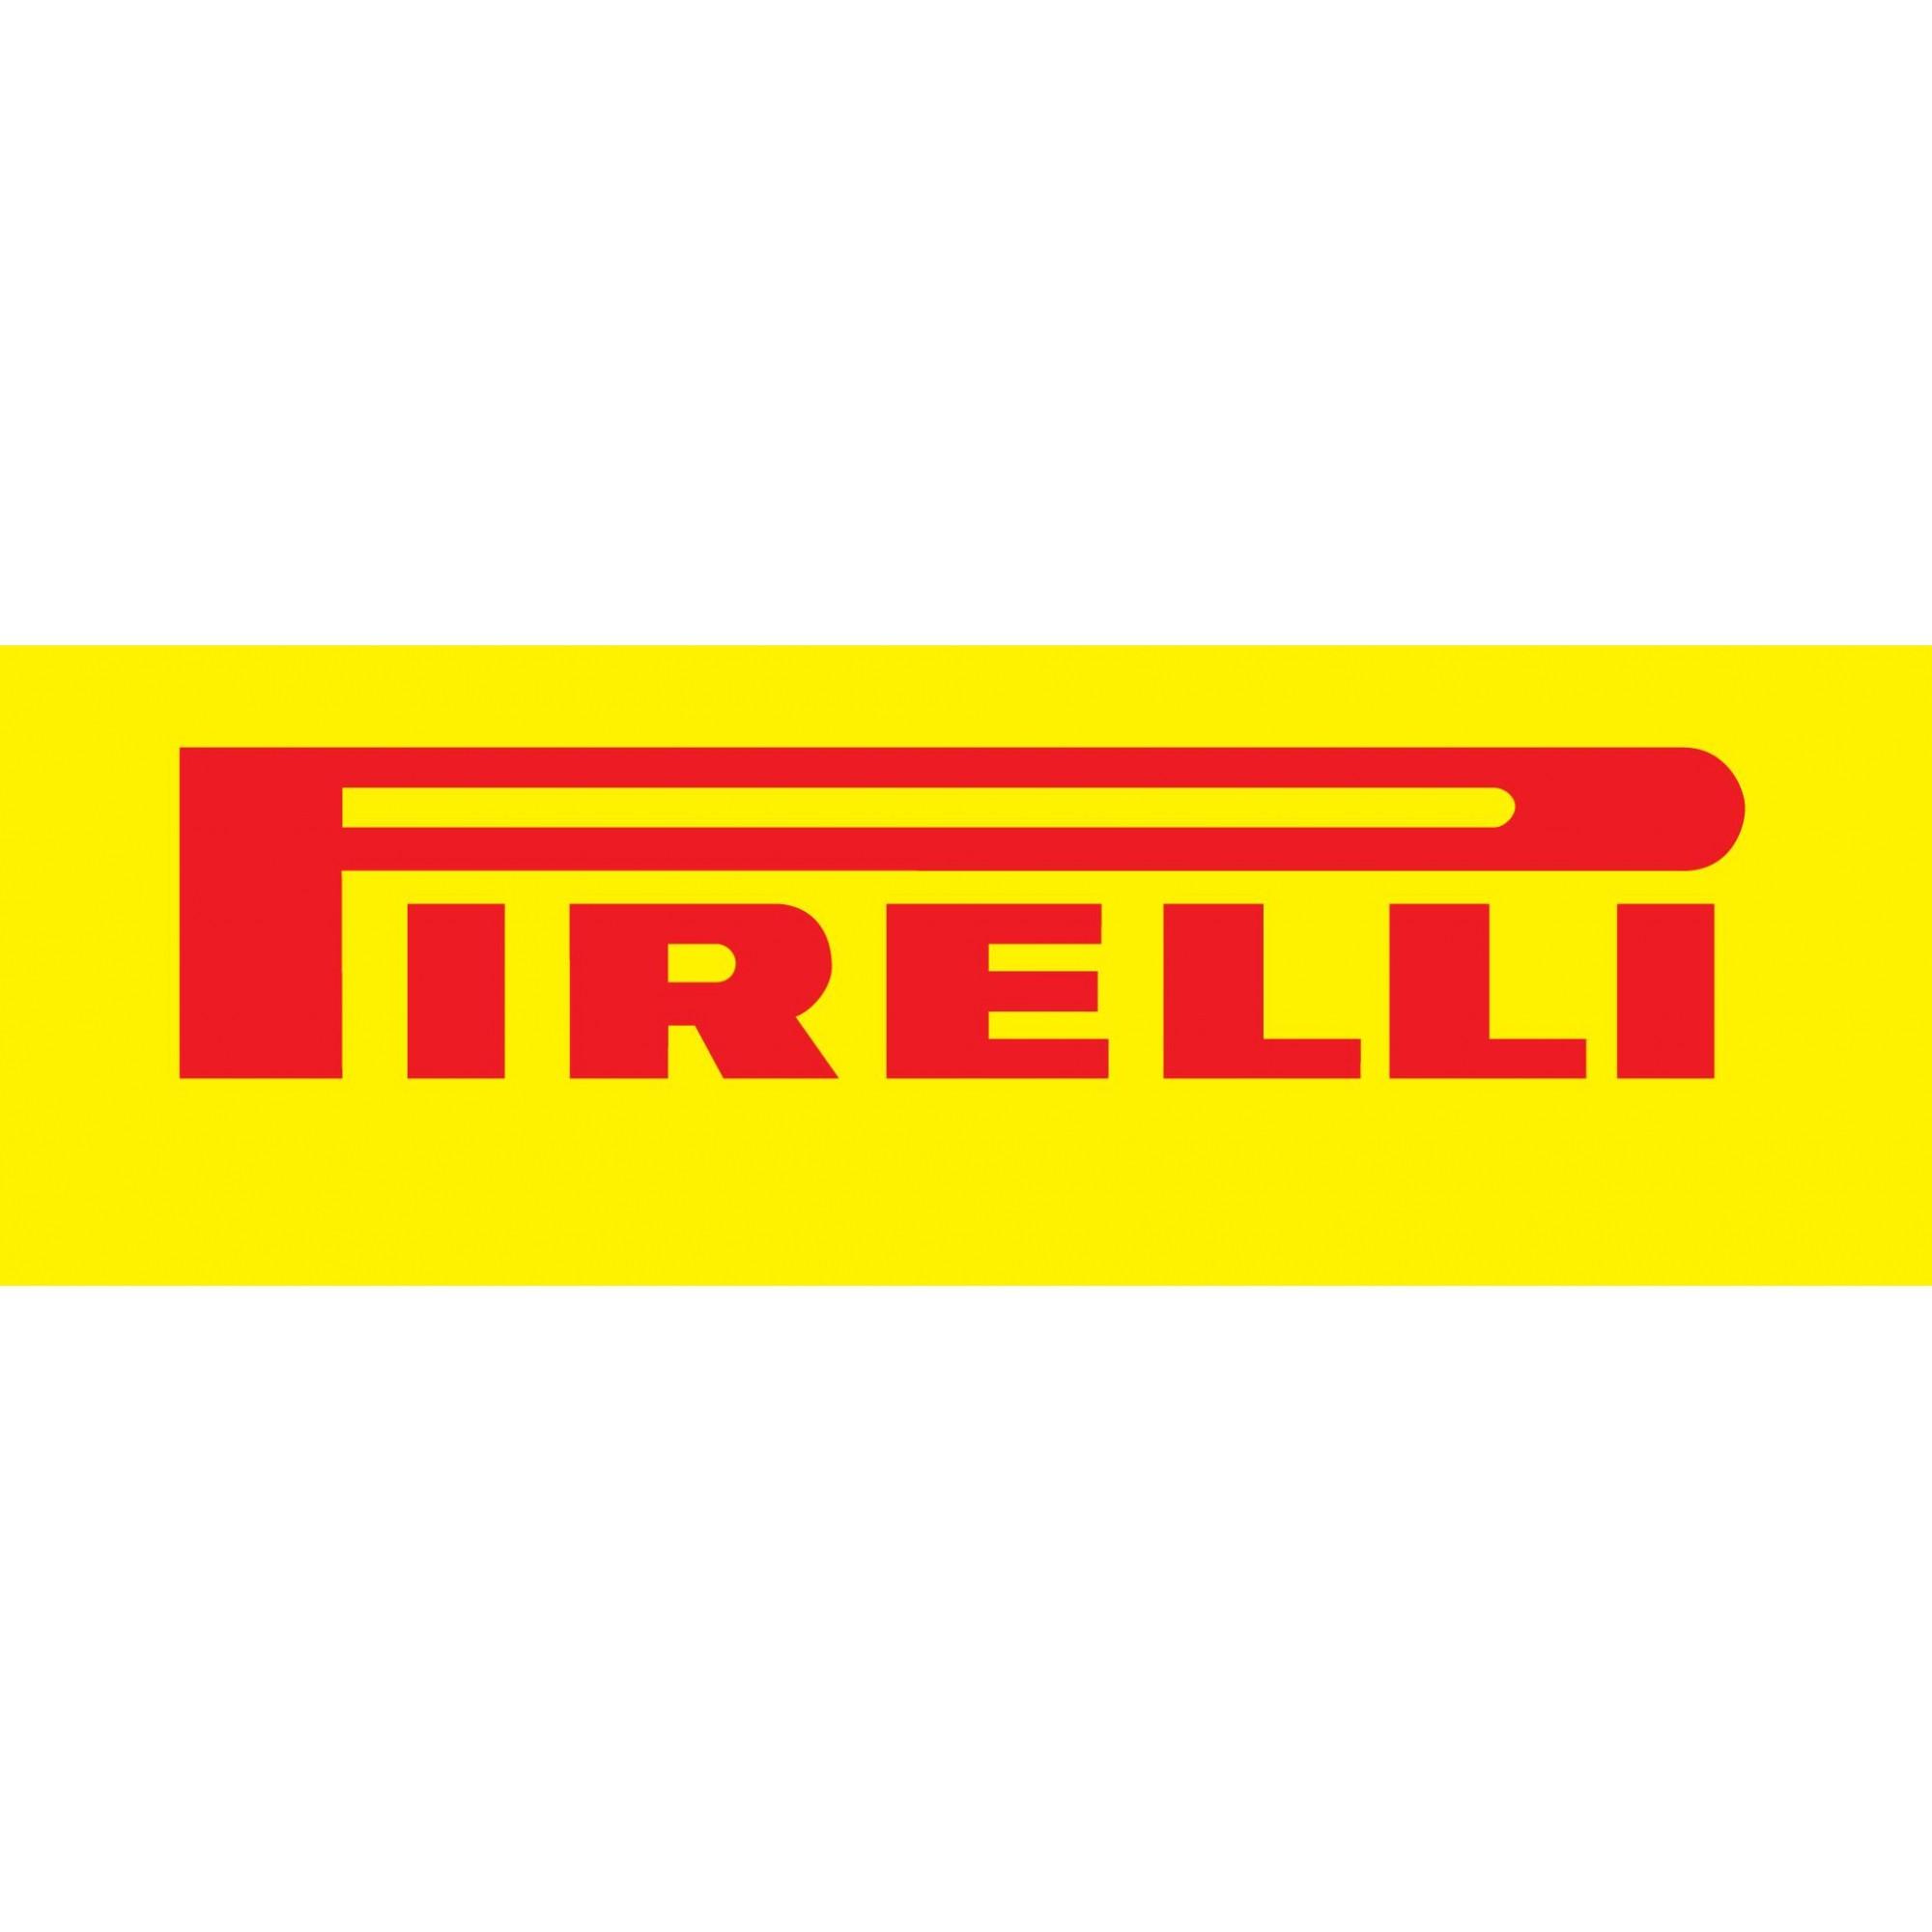 PNEU PIRELLI SCORPION TRAIL II 150/70 R17 69V TLR